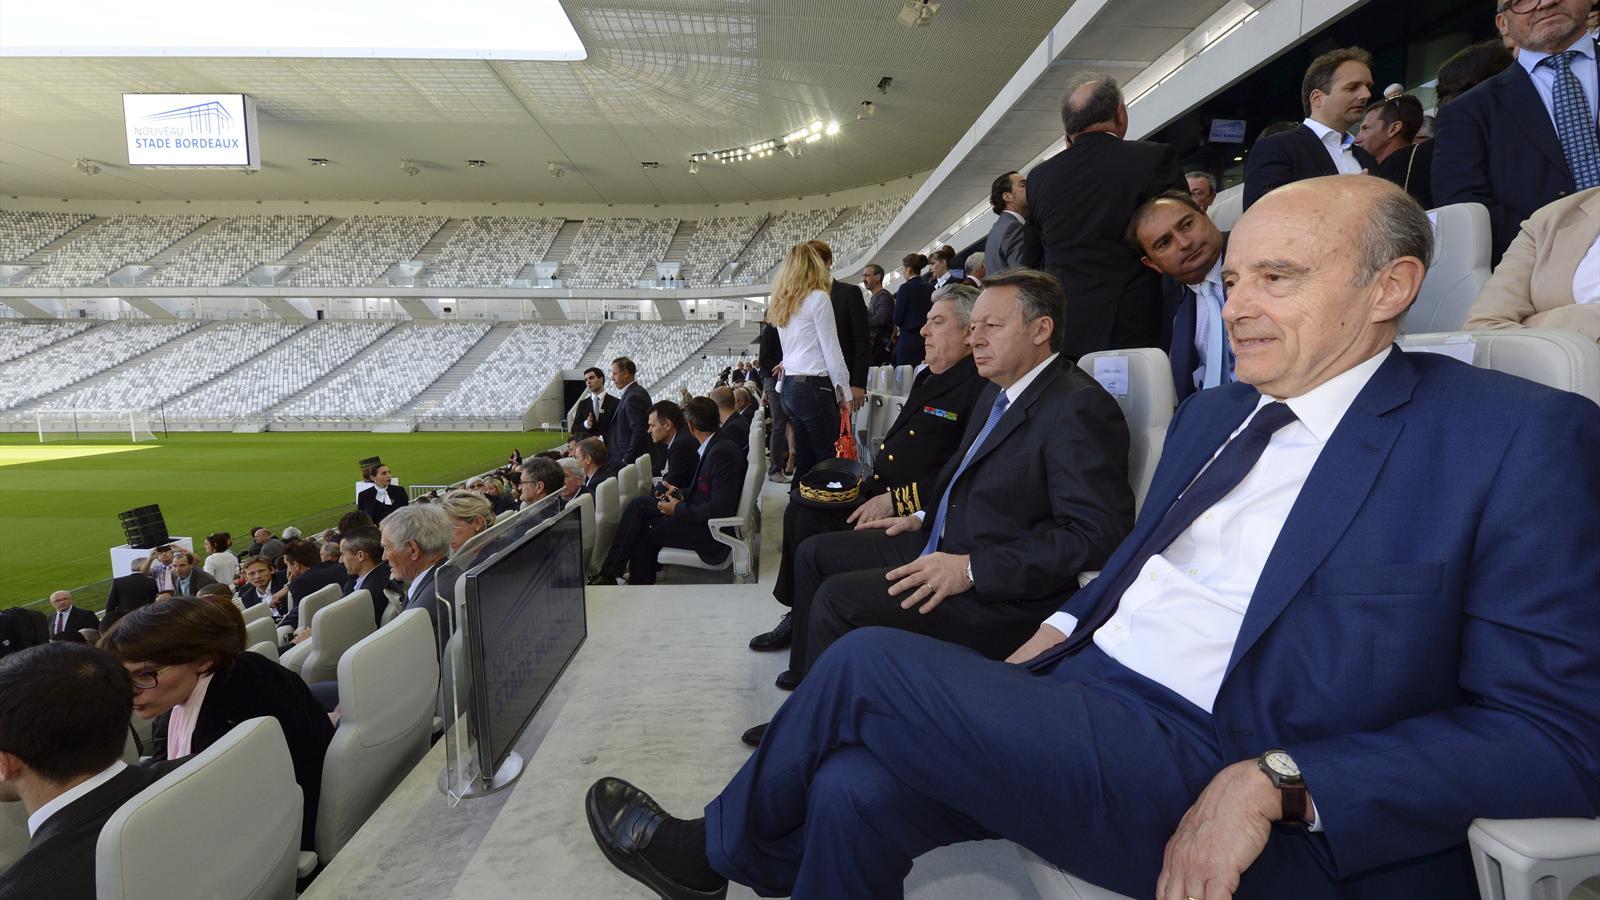 Actualités : La nouvelle bretelle d'accès au grand stade de Bordeaux sera mise en service avant fin août - Girondins33